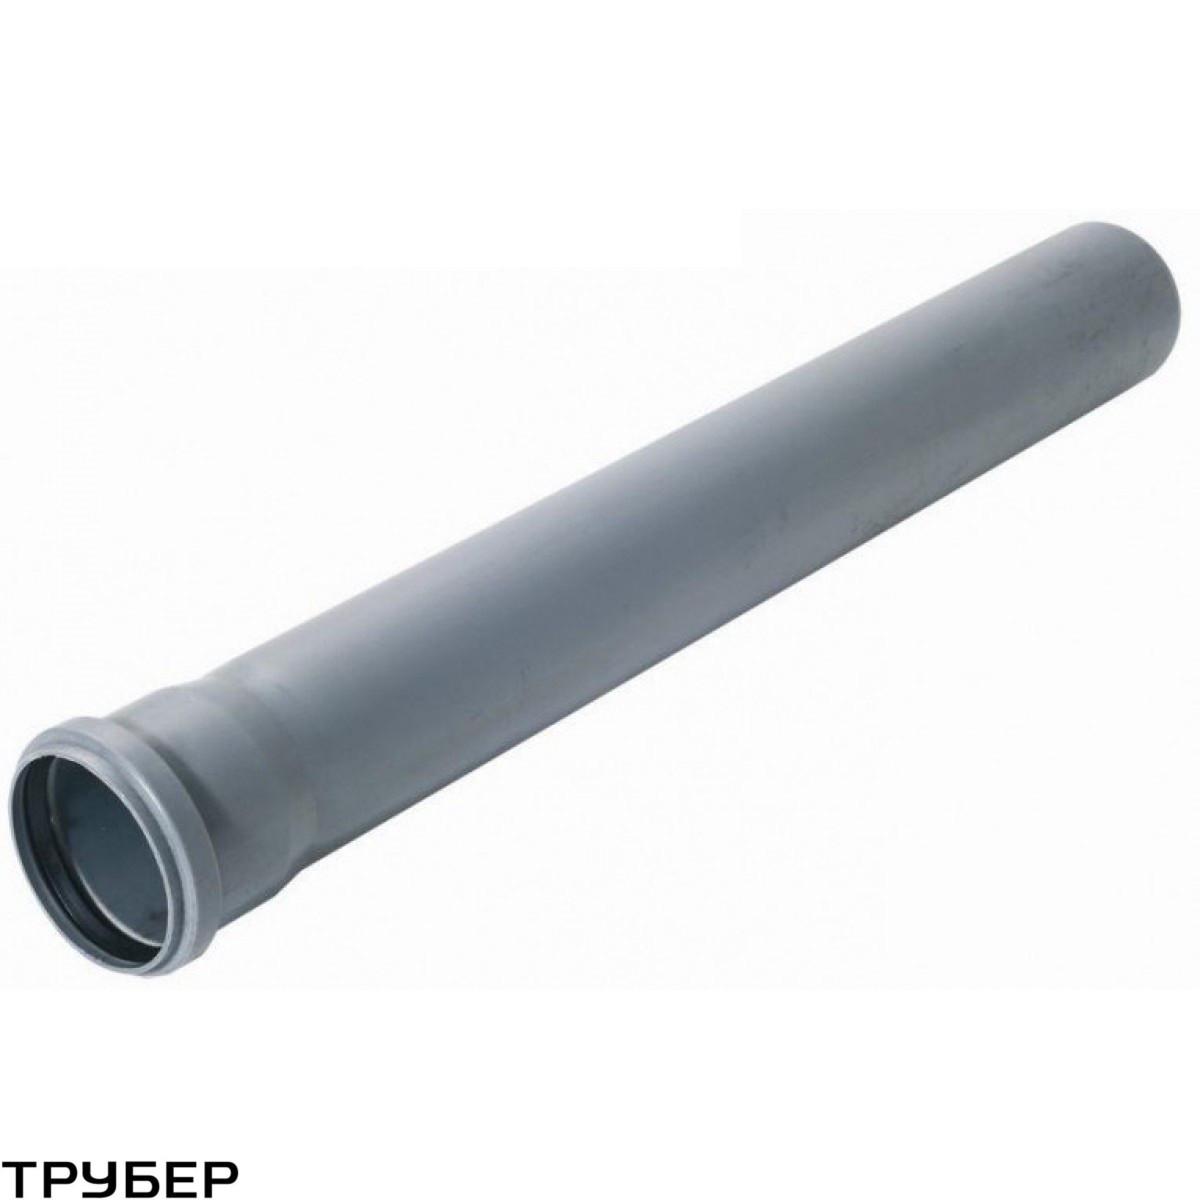 Труба ПП 110*1000 3-х шаровая для внутренней канализации Инсталпласт